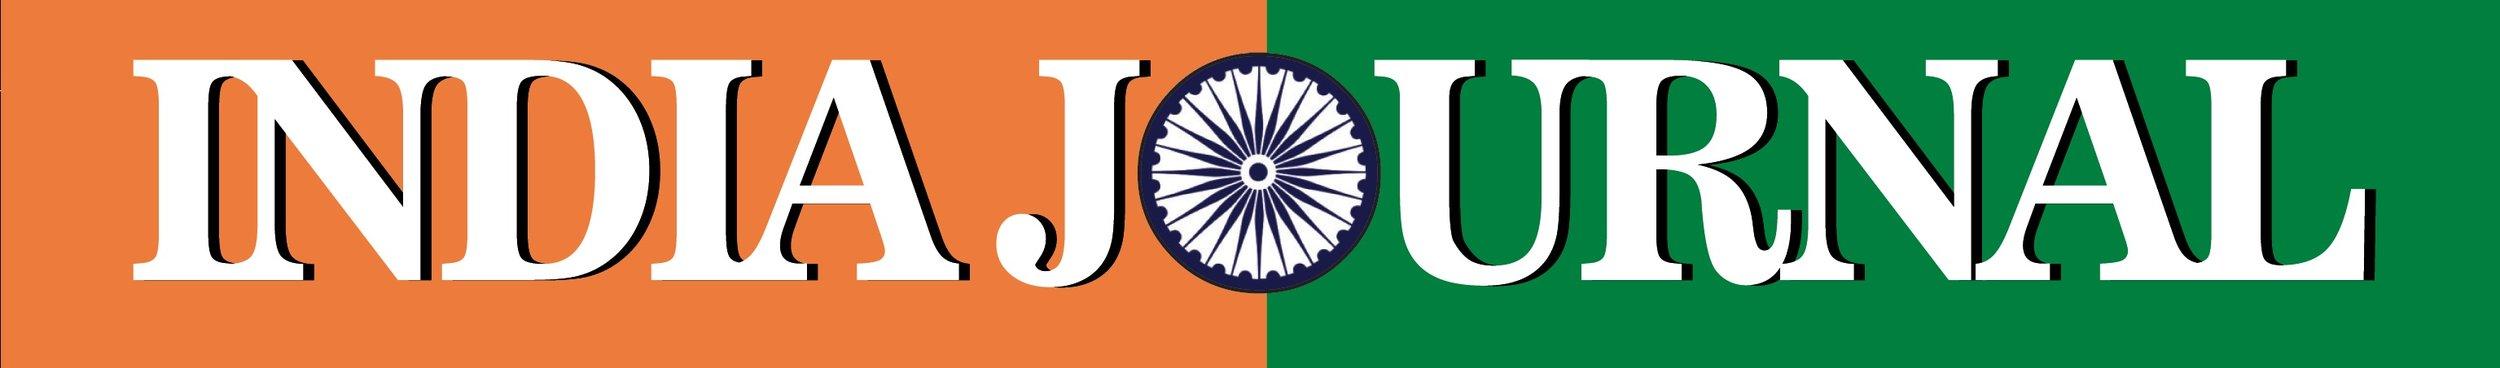 IndiaJournalLogo (1).jpg